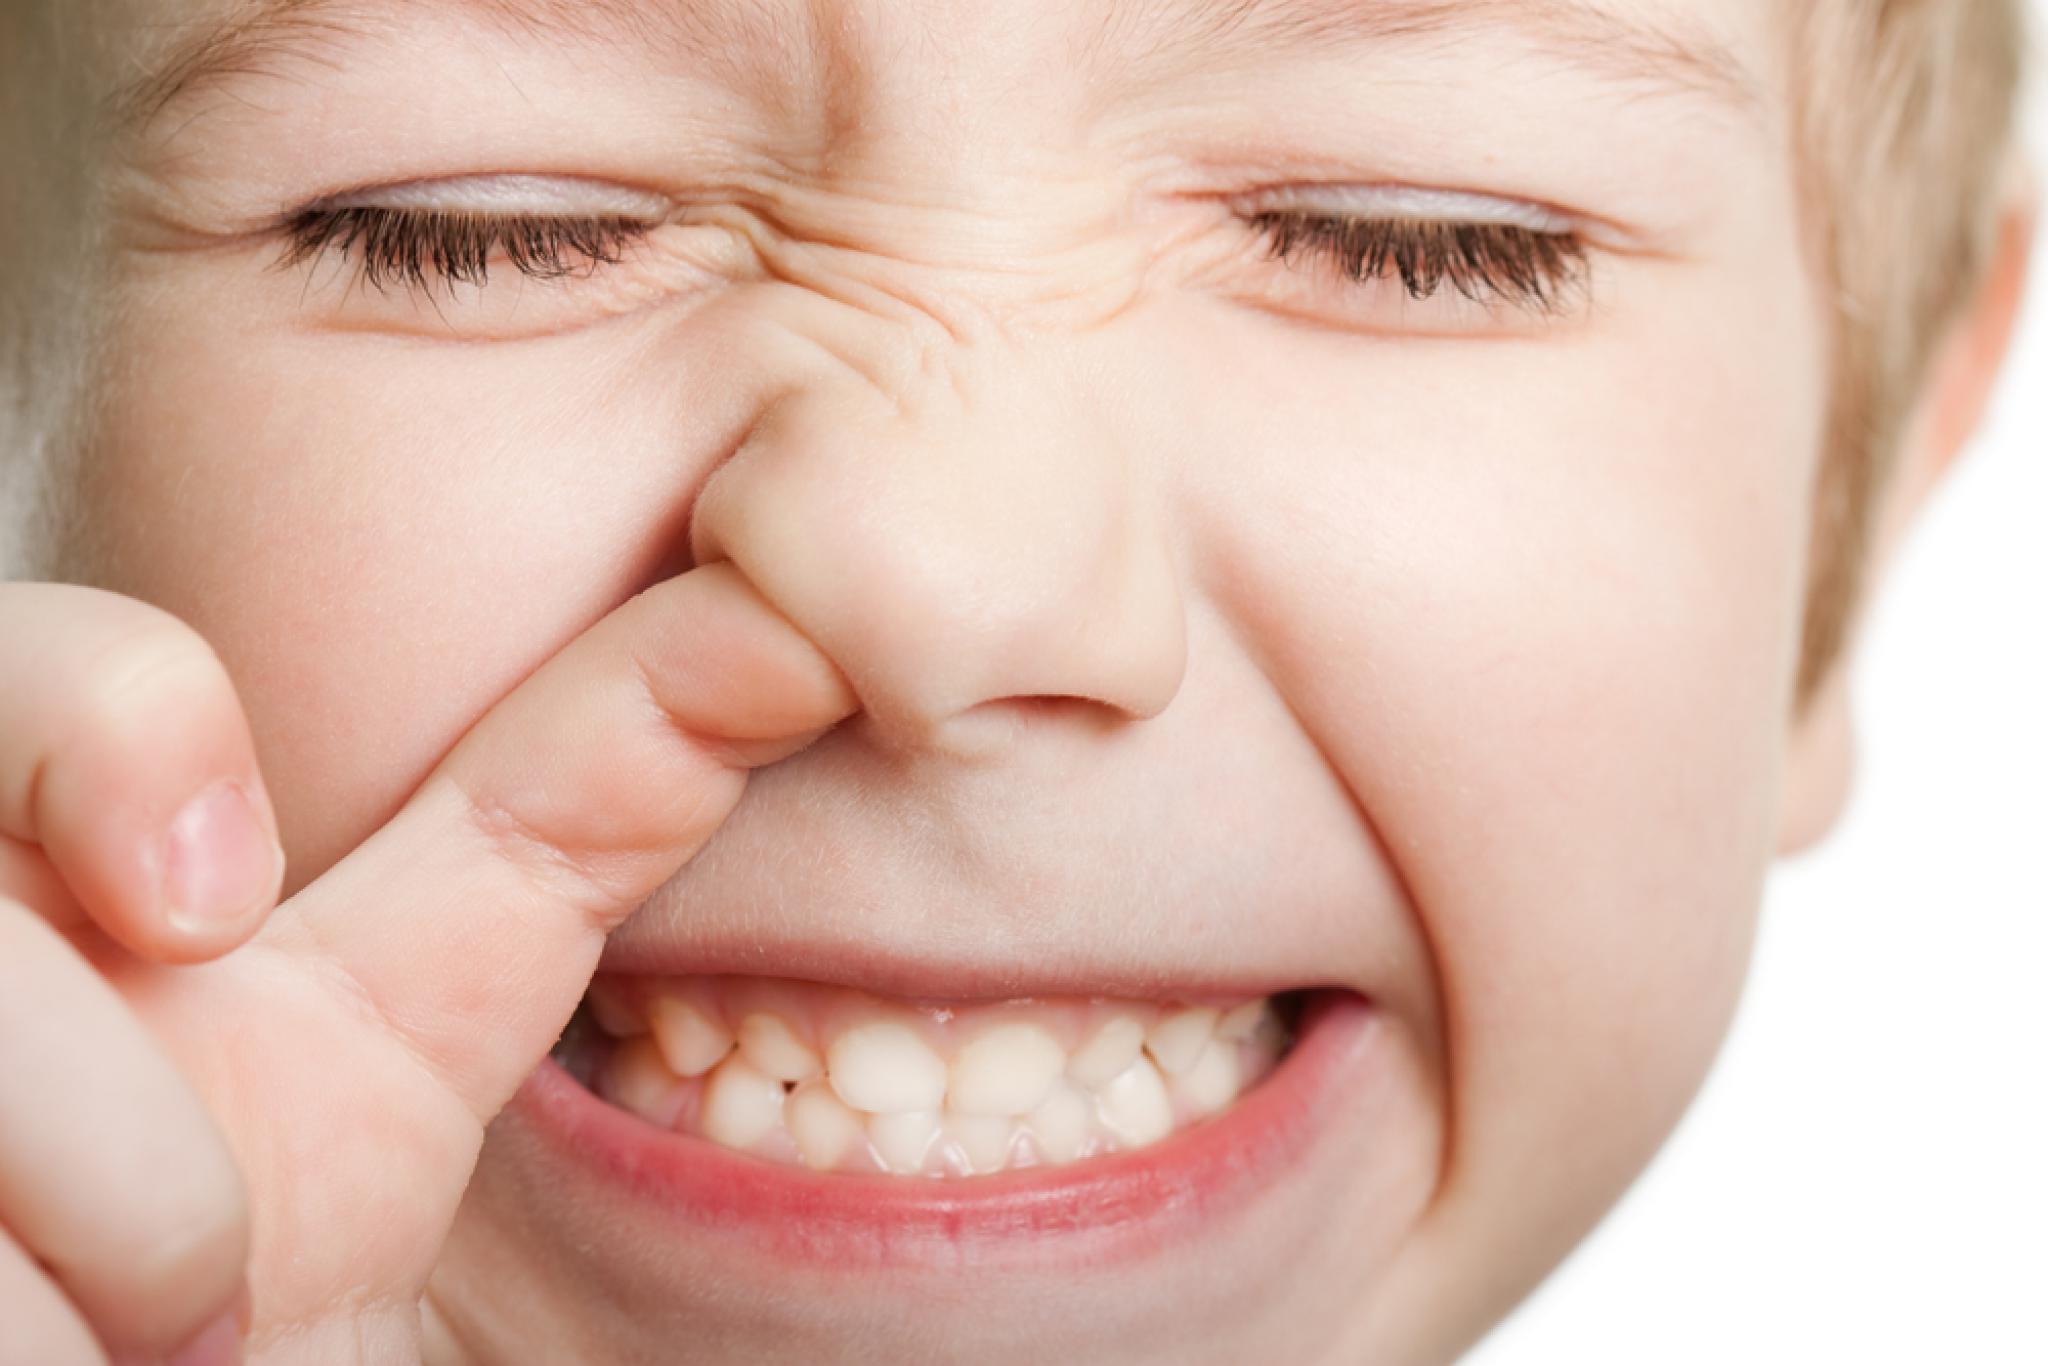 Nejcastejsi Zlozvyky Deti Odnaucte Je To Vcas Rozhovory Clanky Promaminky Cz